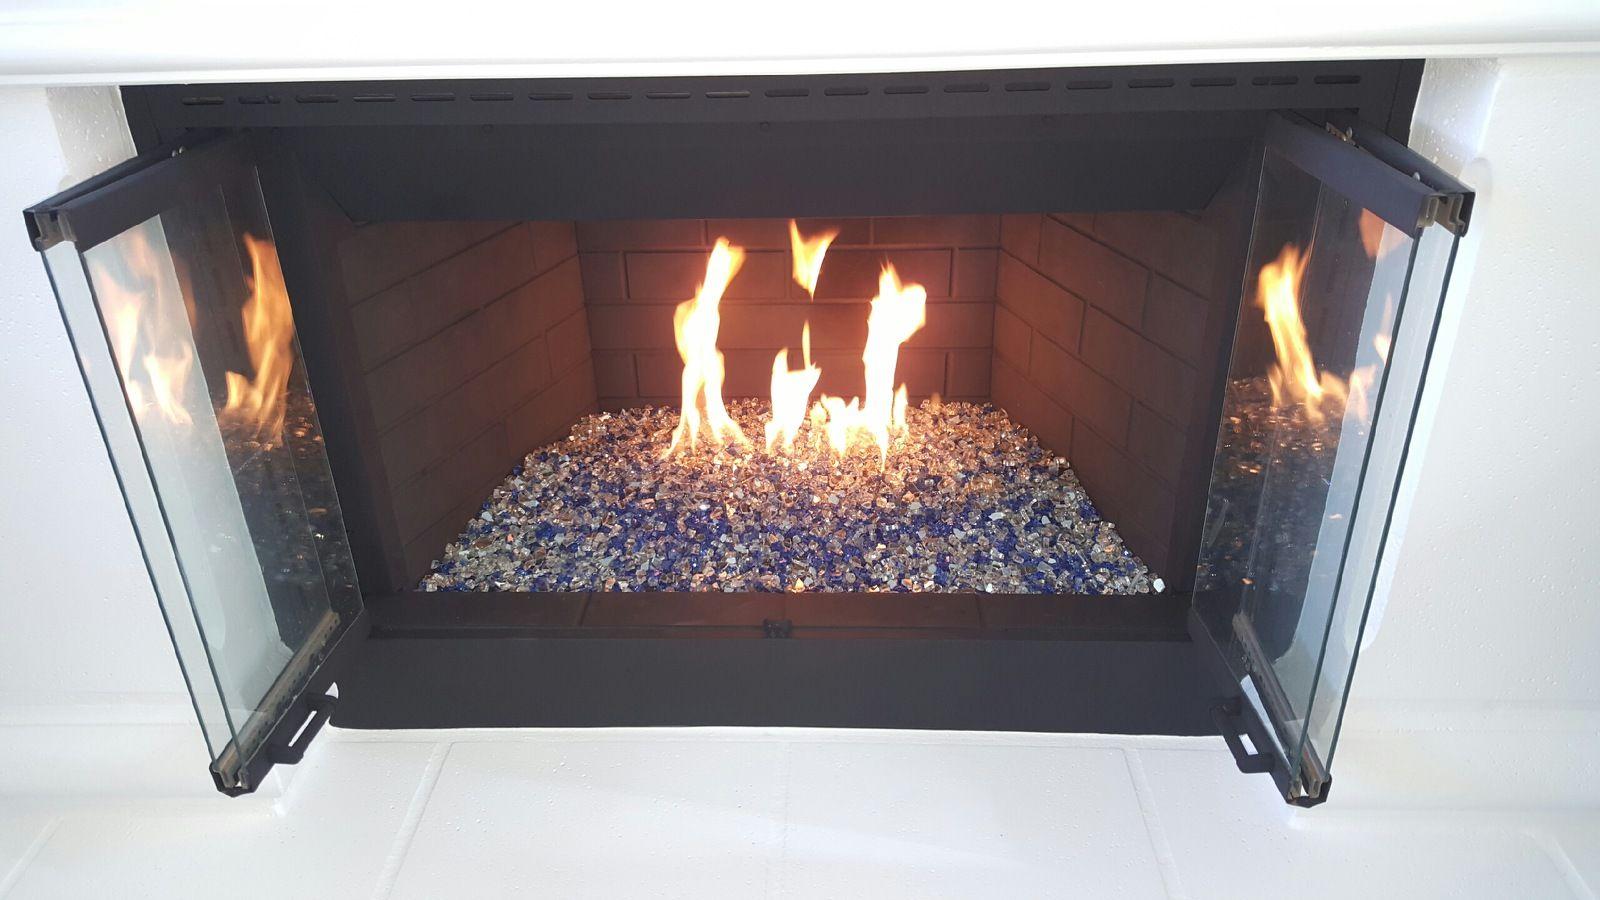 Quarter Inch Reflective Fireglass Fire Glass Fireplace Glass